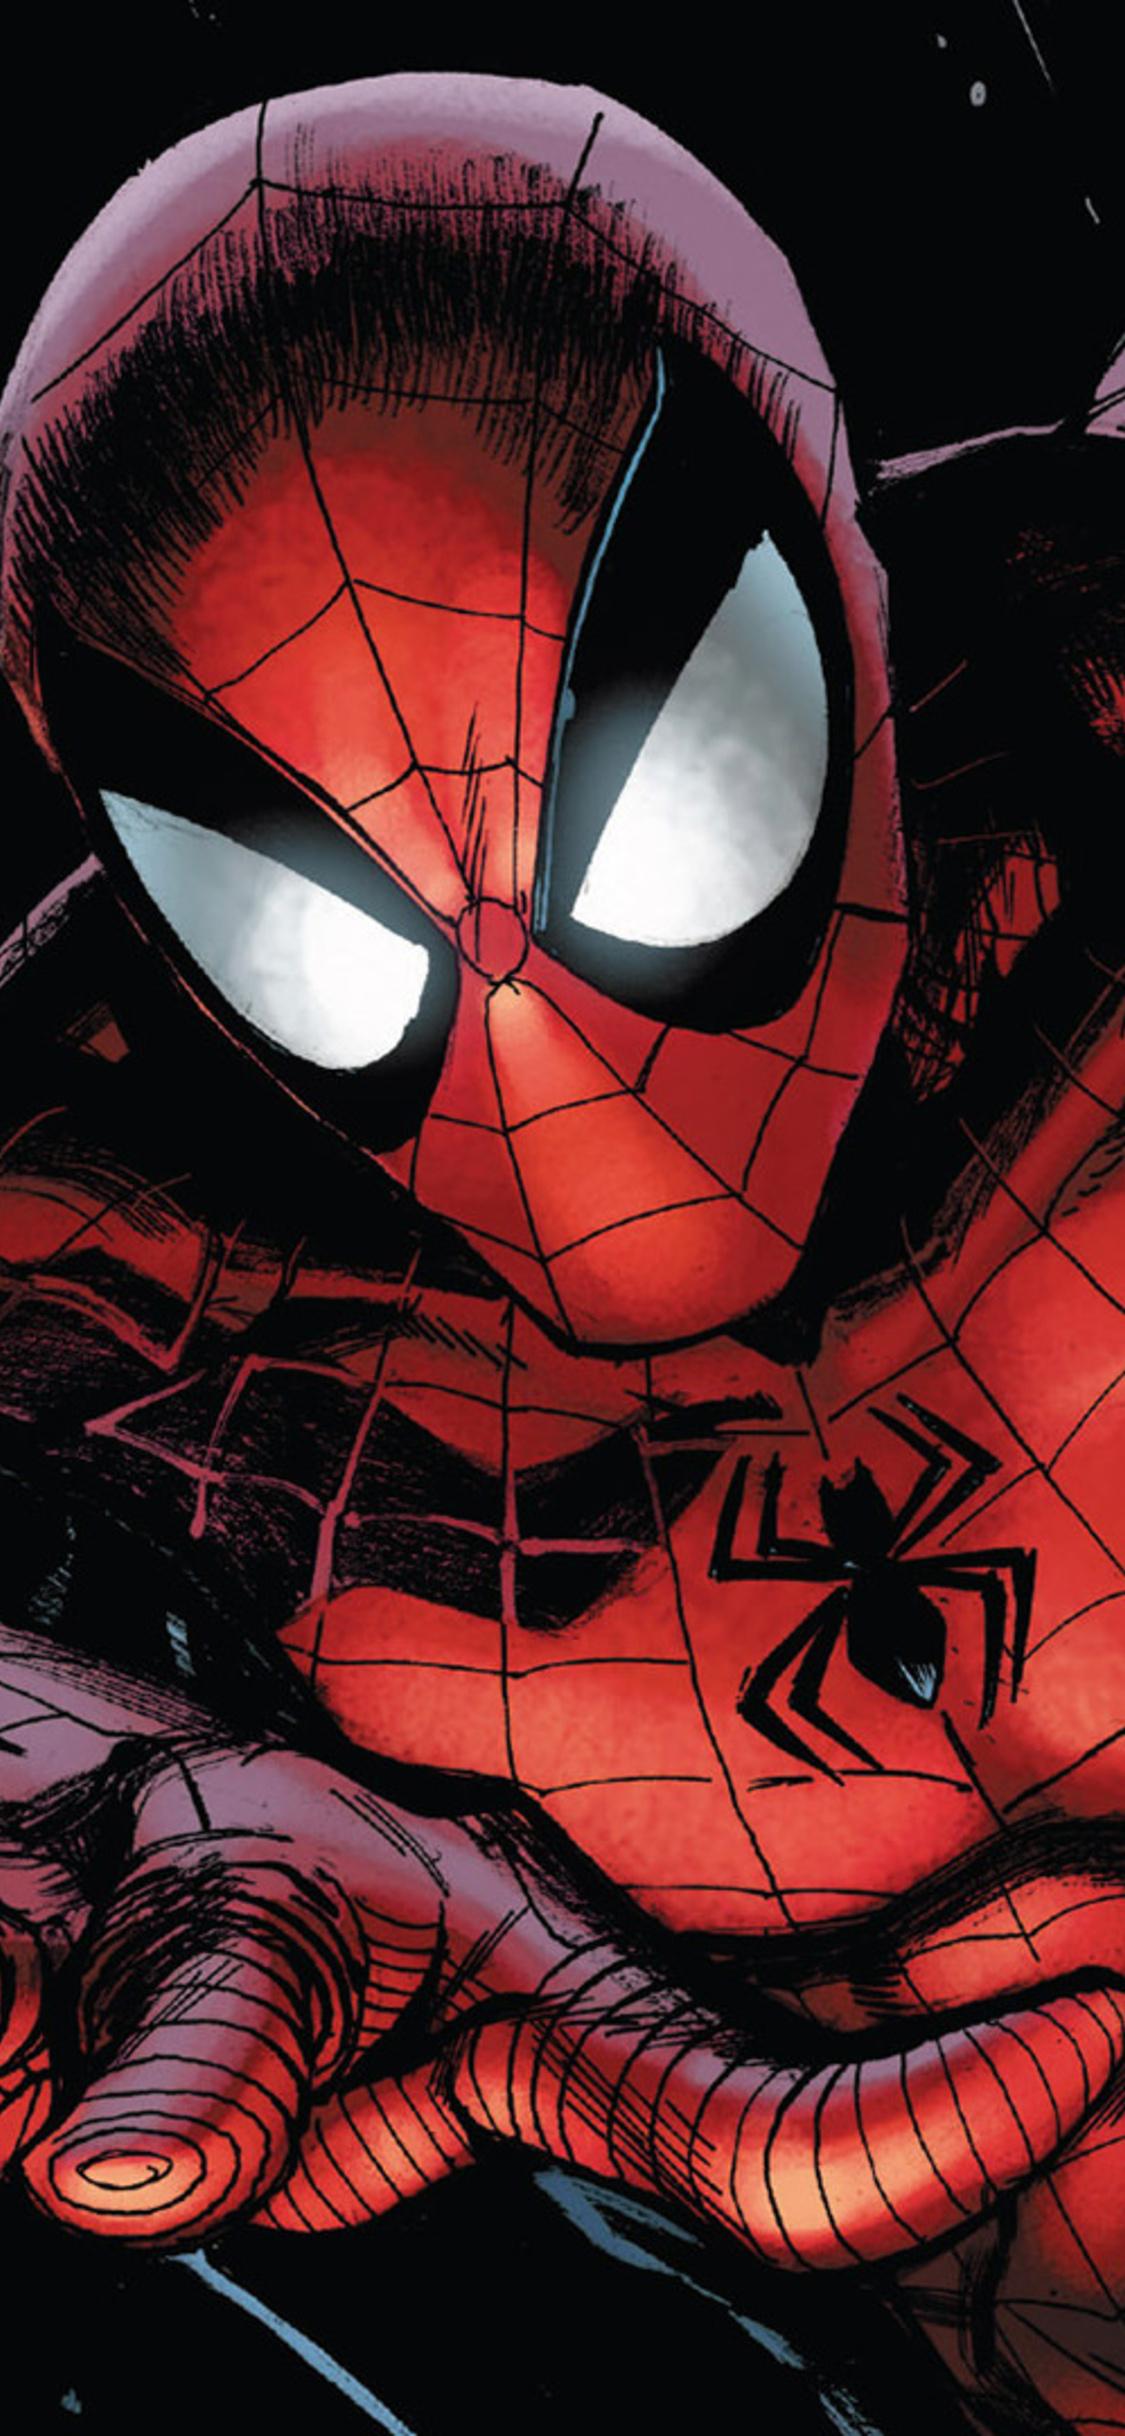 1125x2436 Spiderman Marvel Comics Iphone Xs Iphone 10 Iphone